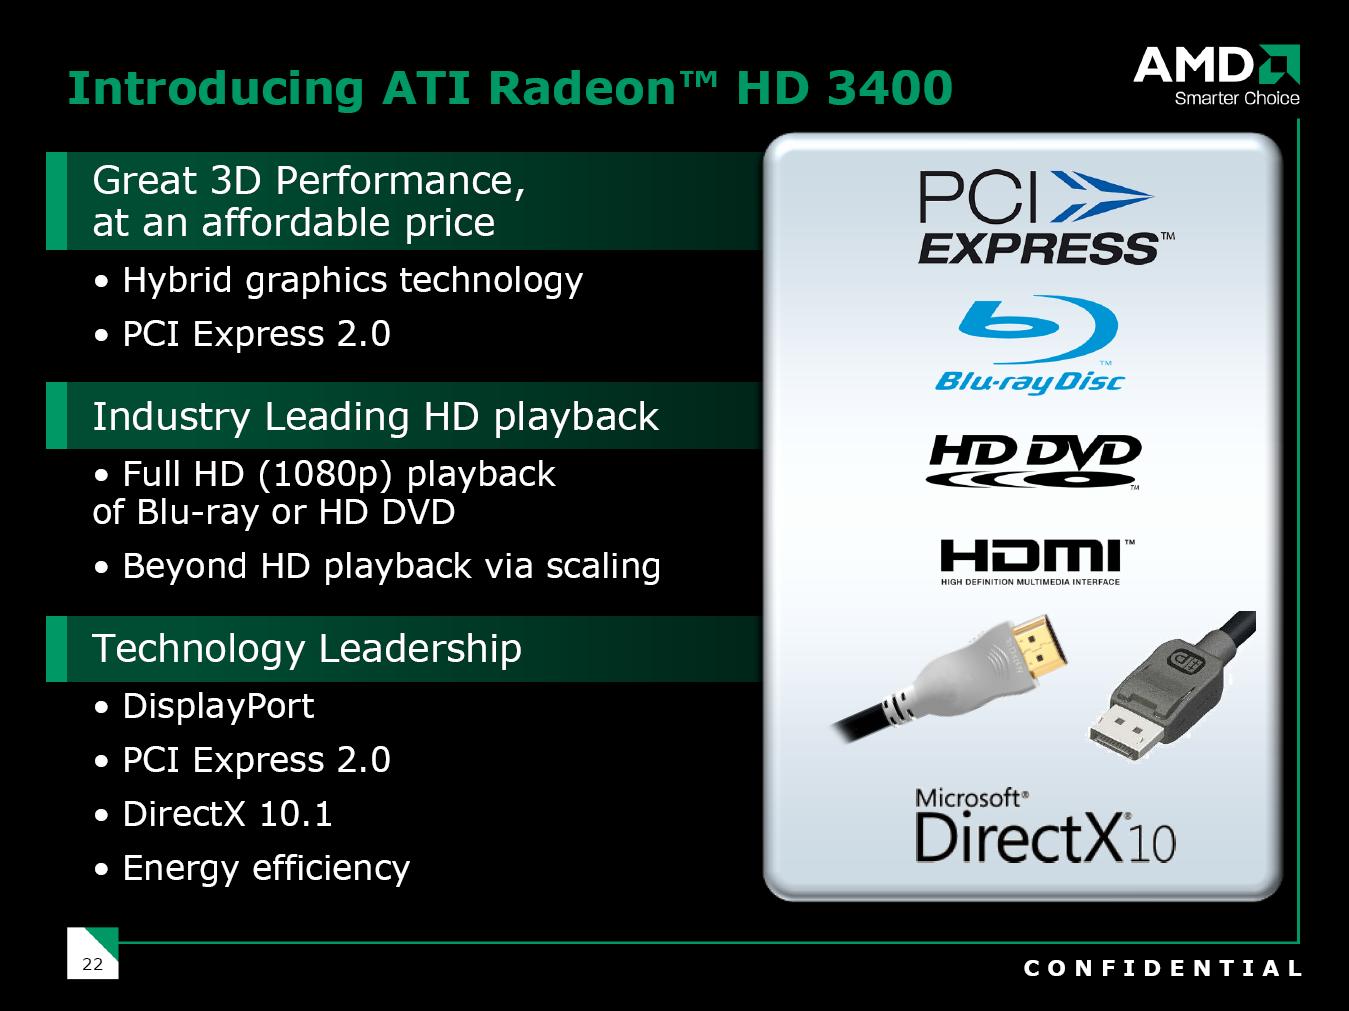 ATi Radeon HD 3400 (RV620)